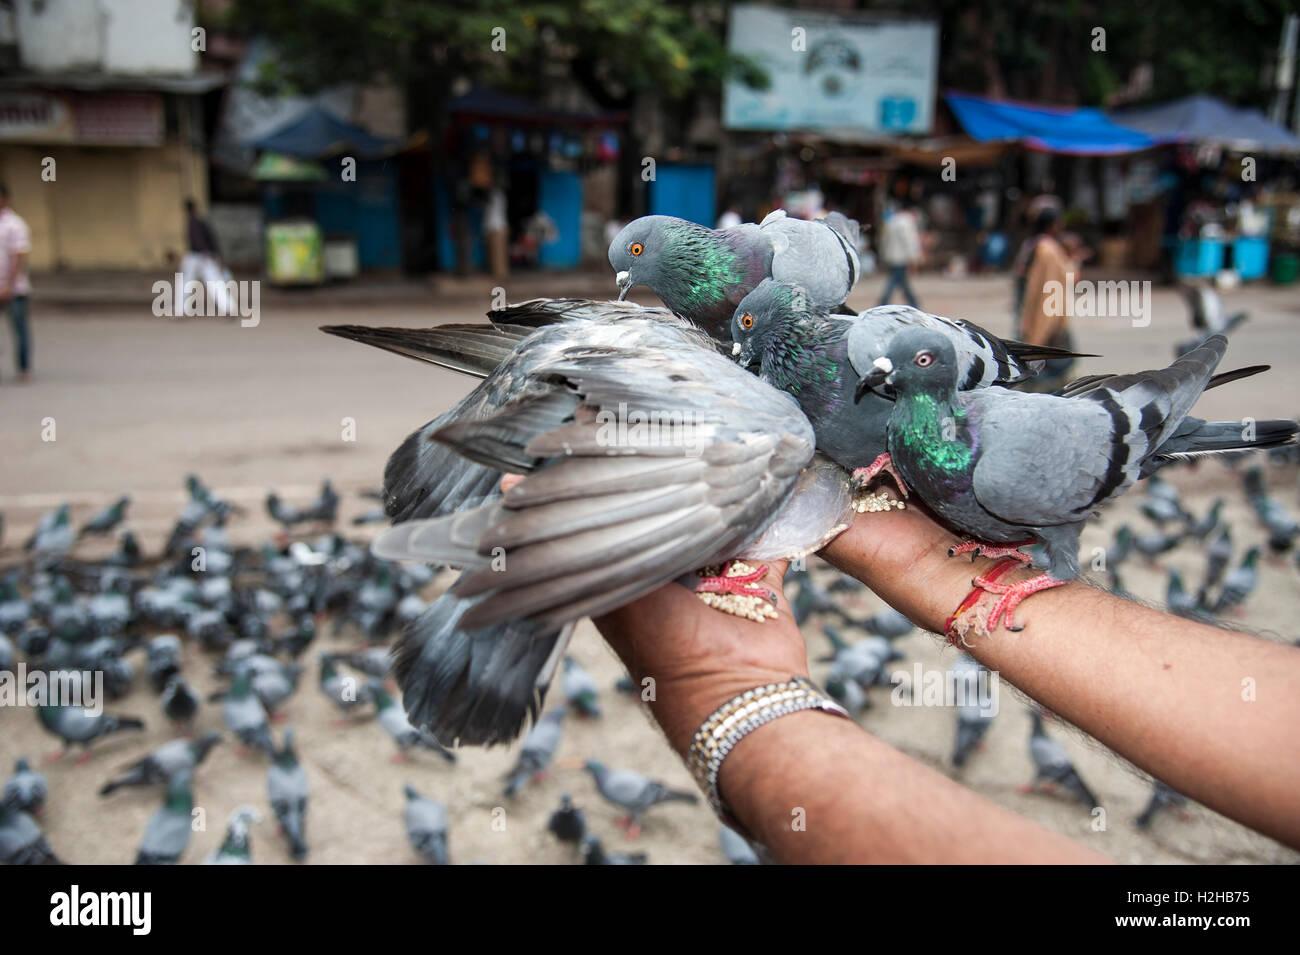 Un uomo indiano alimenta i piccioni a Nampally stazione ferroviaria di Hyderabad, India,2016. Immagini Stock